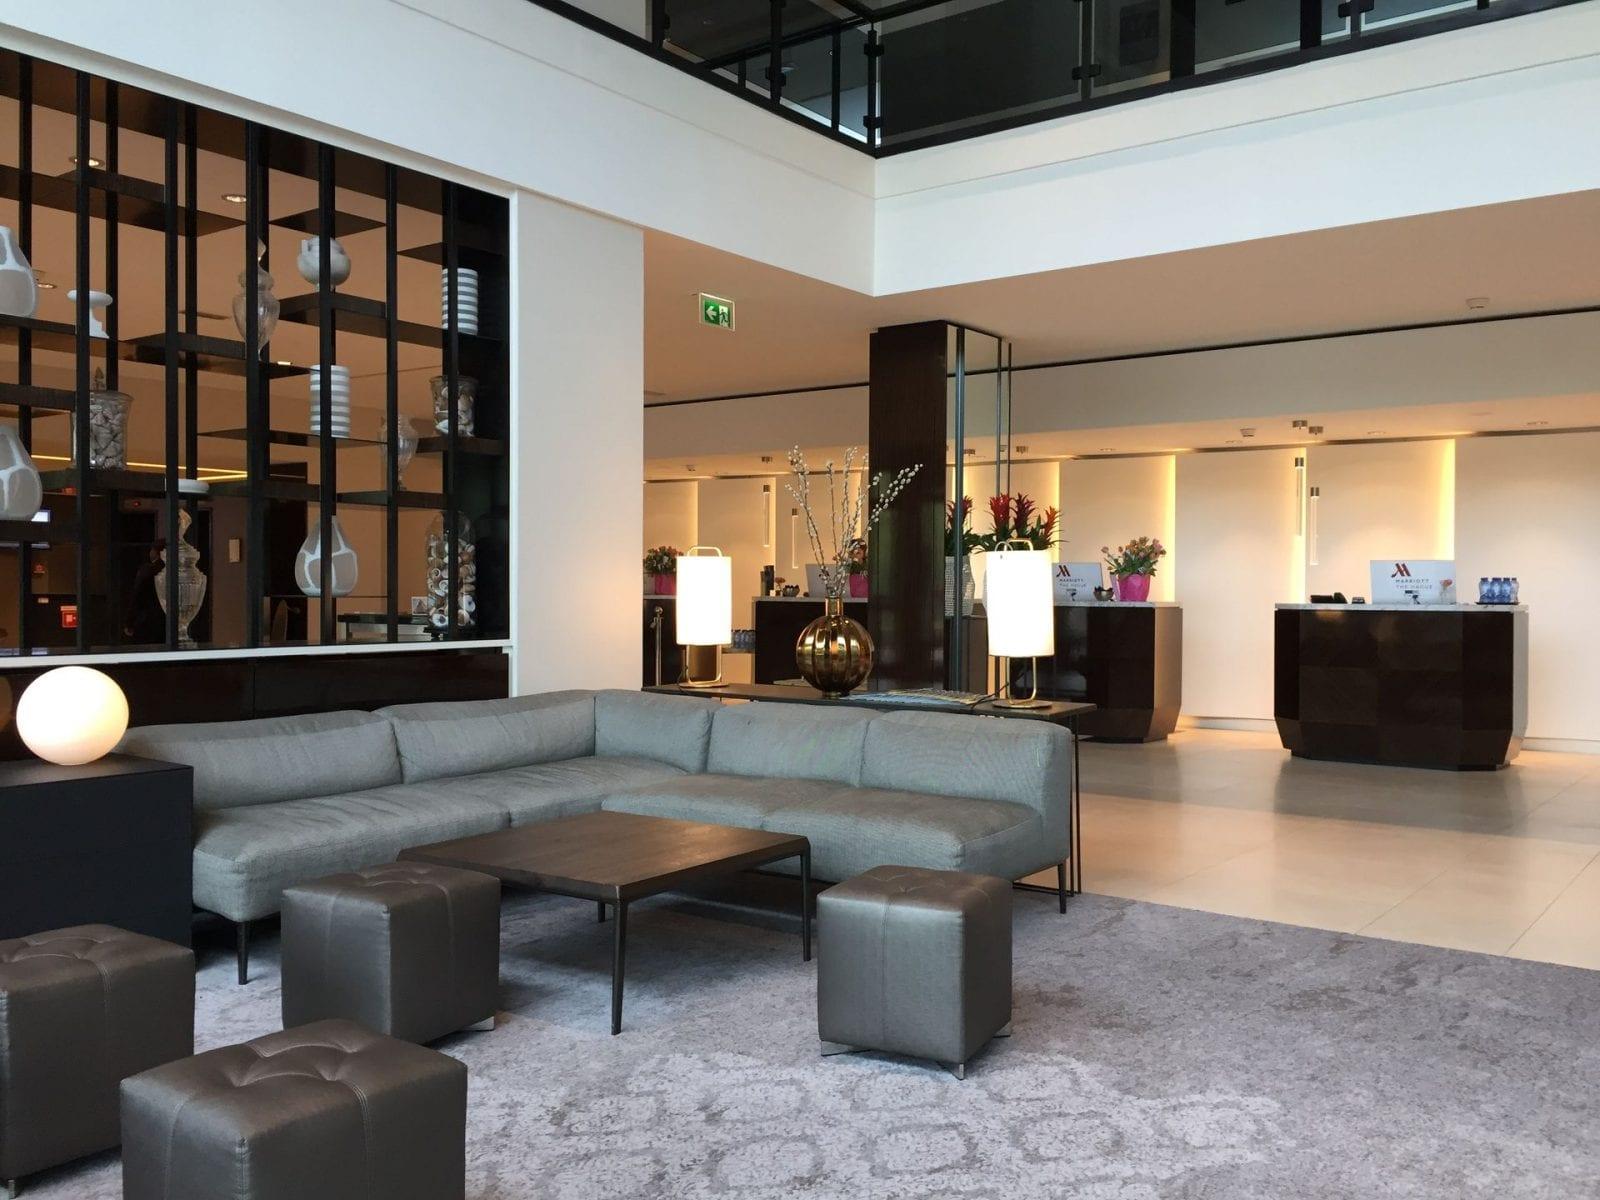 Marriott Den Haag Lobby Und Rezeption 1600x1200